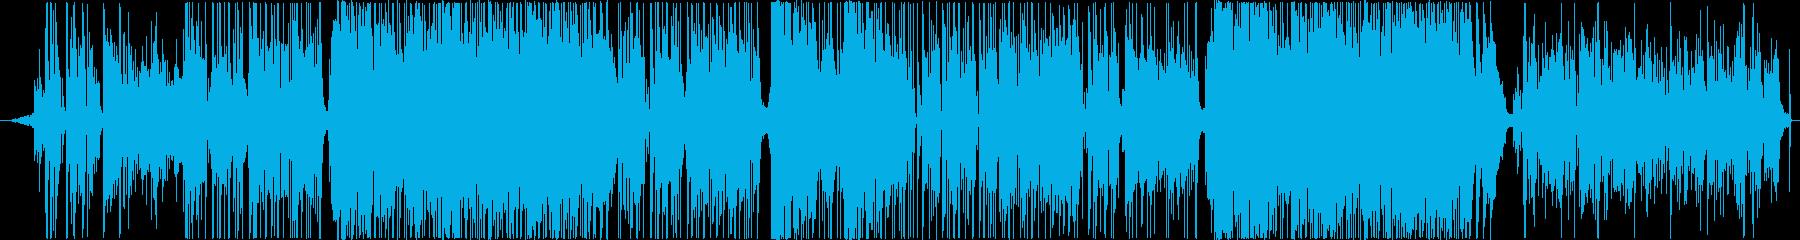 C-POPでハッピーな曲の再生済みの波形